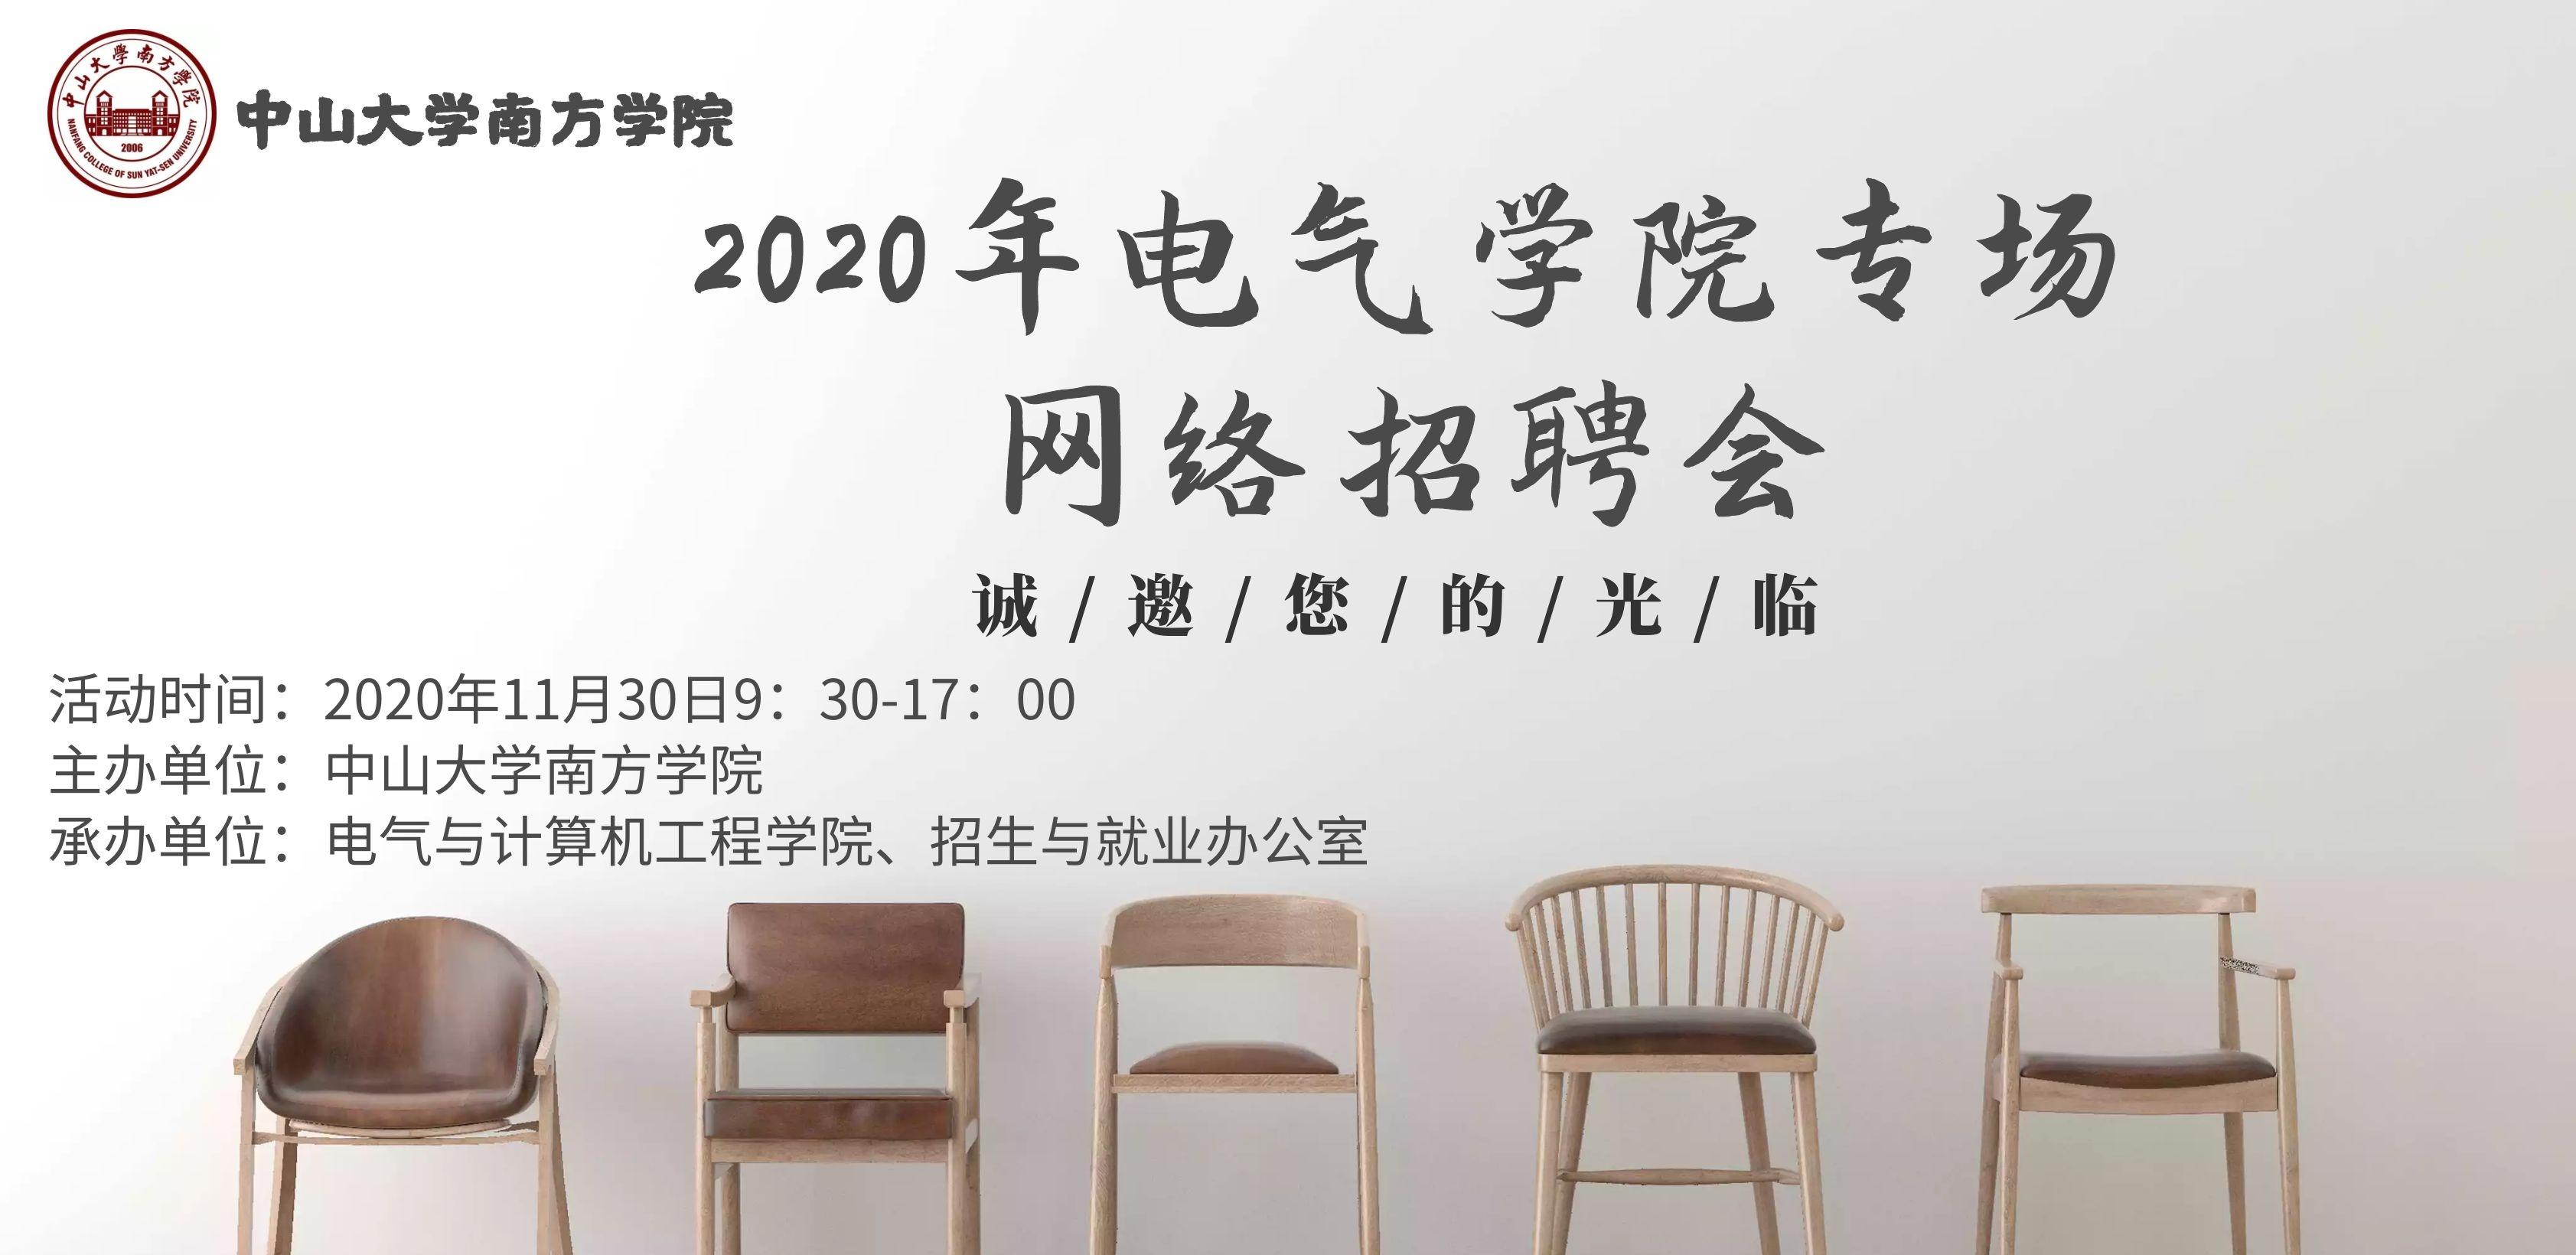 2020年电气学院专场网络招聘会